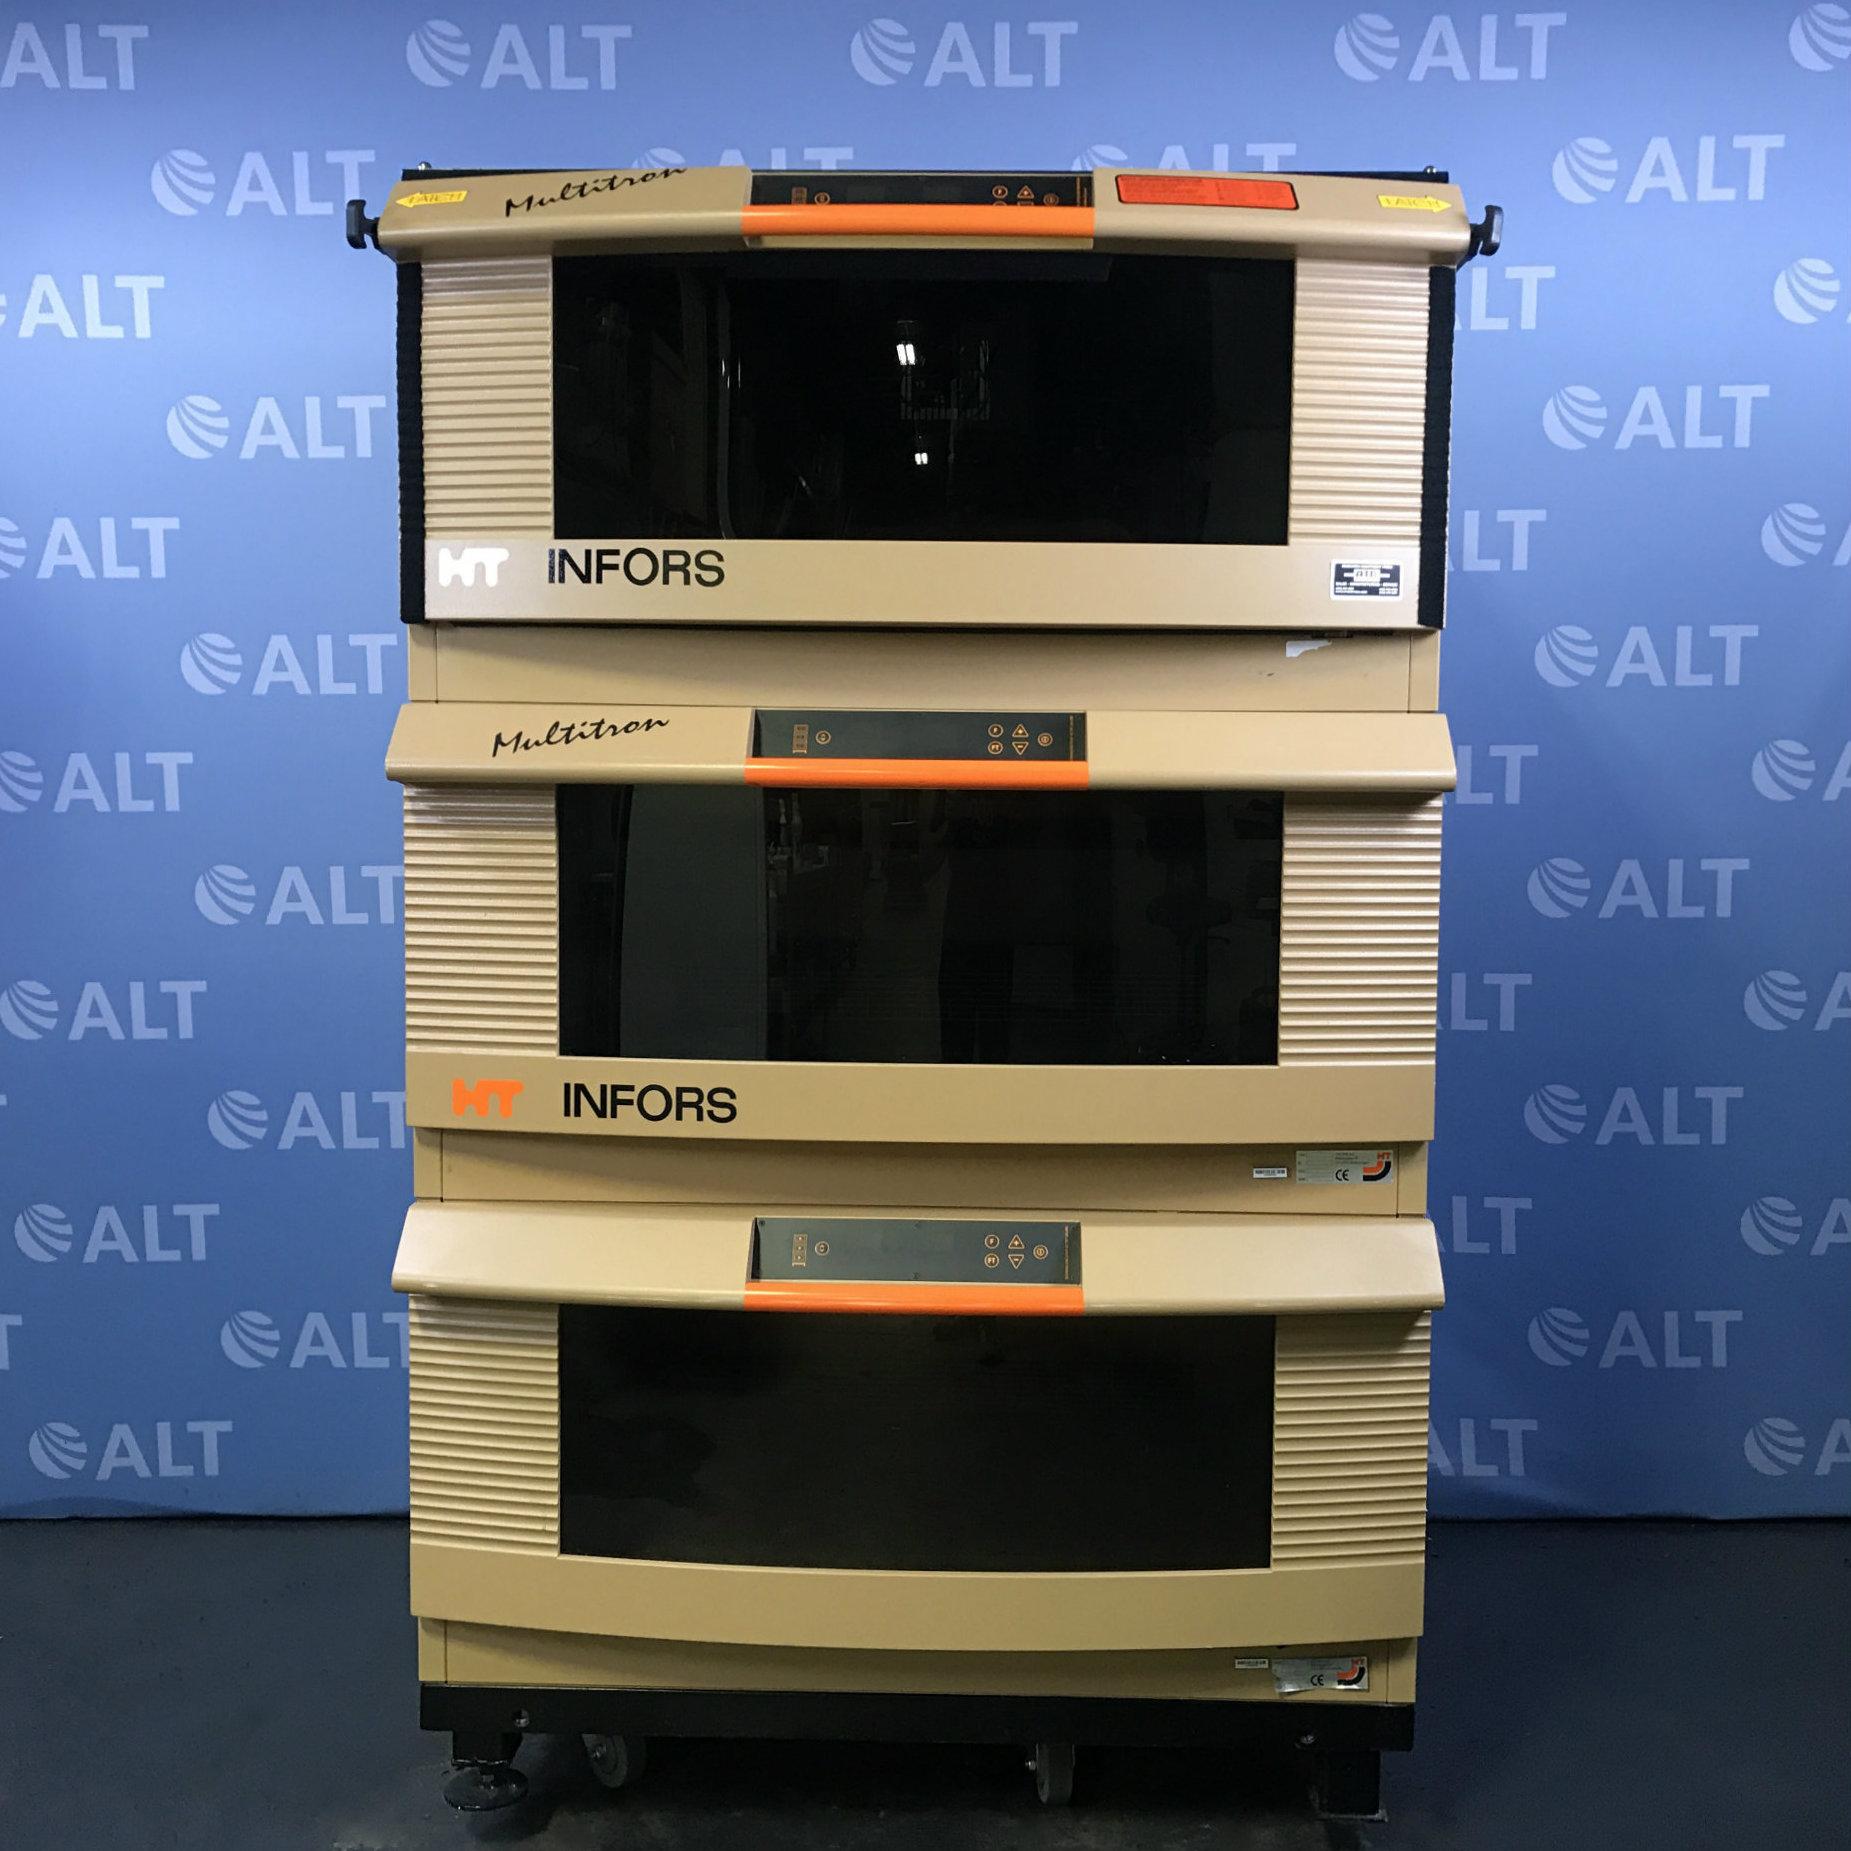 Infors Multitron Standard Triple Stack Incubator Shaker Type I10302 Image